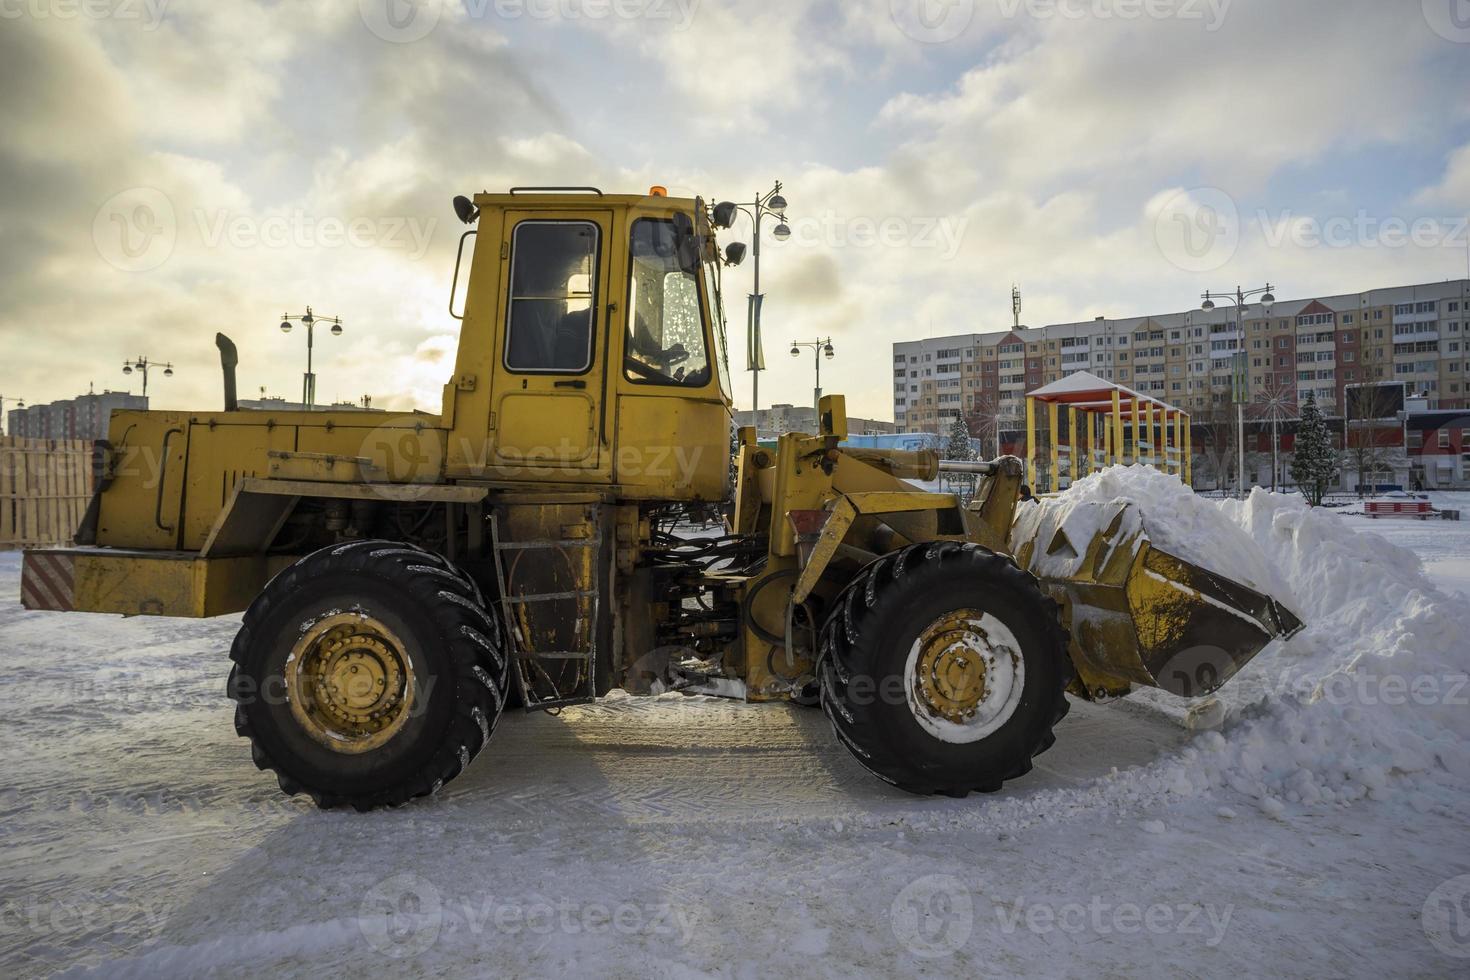 tracteur pelle la neige dans un tas dans la rue. photo